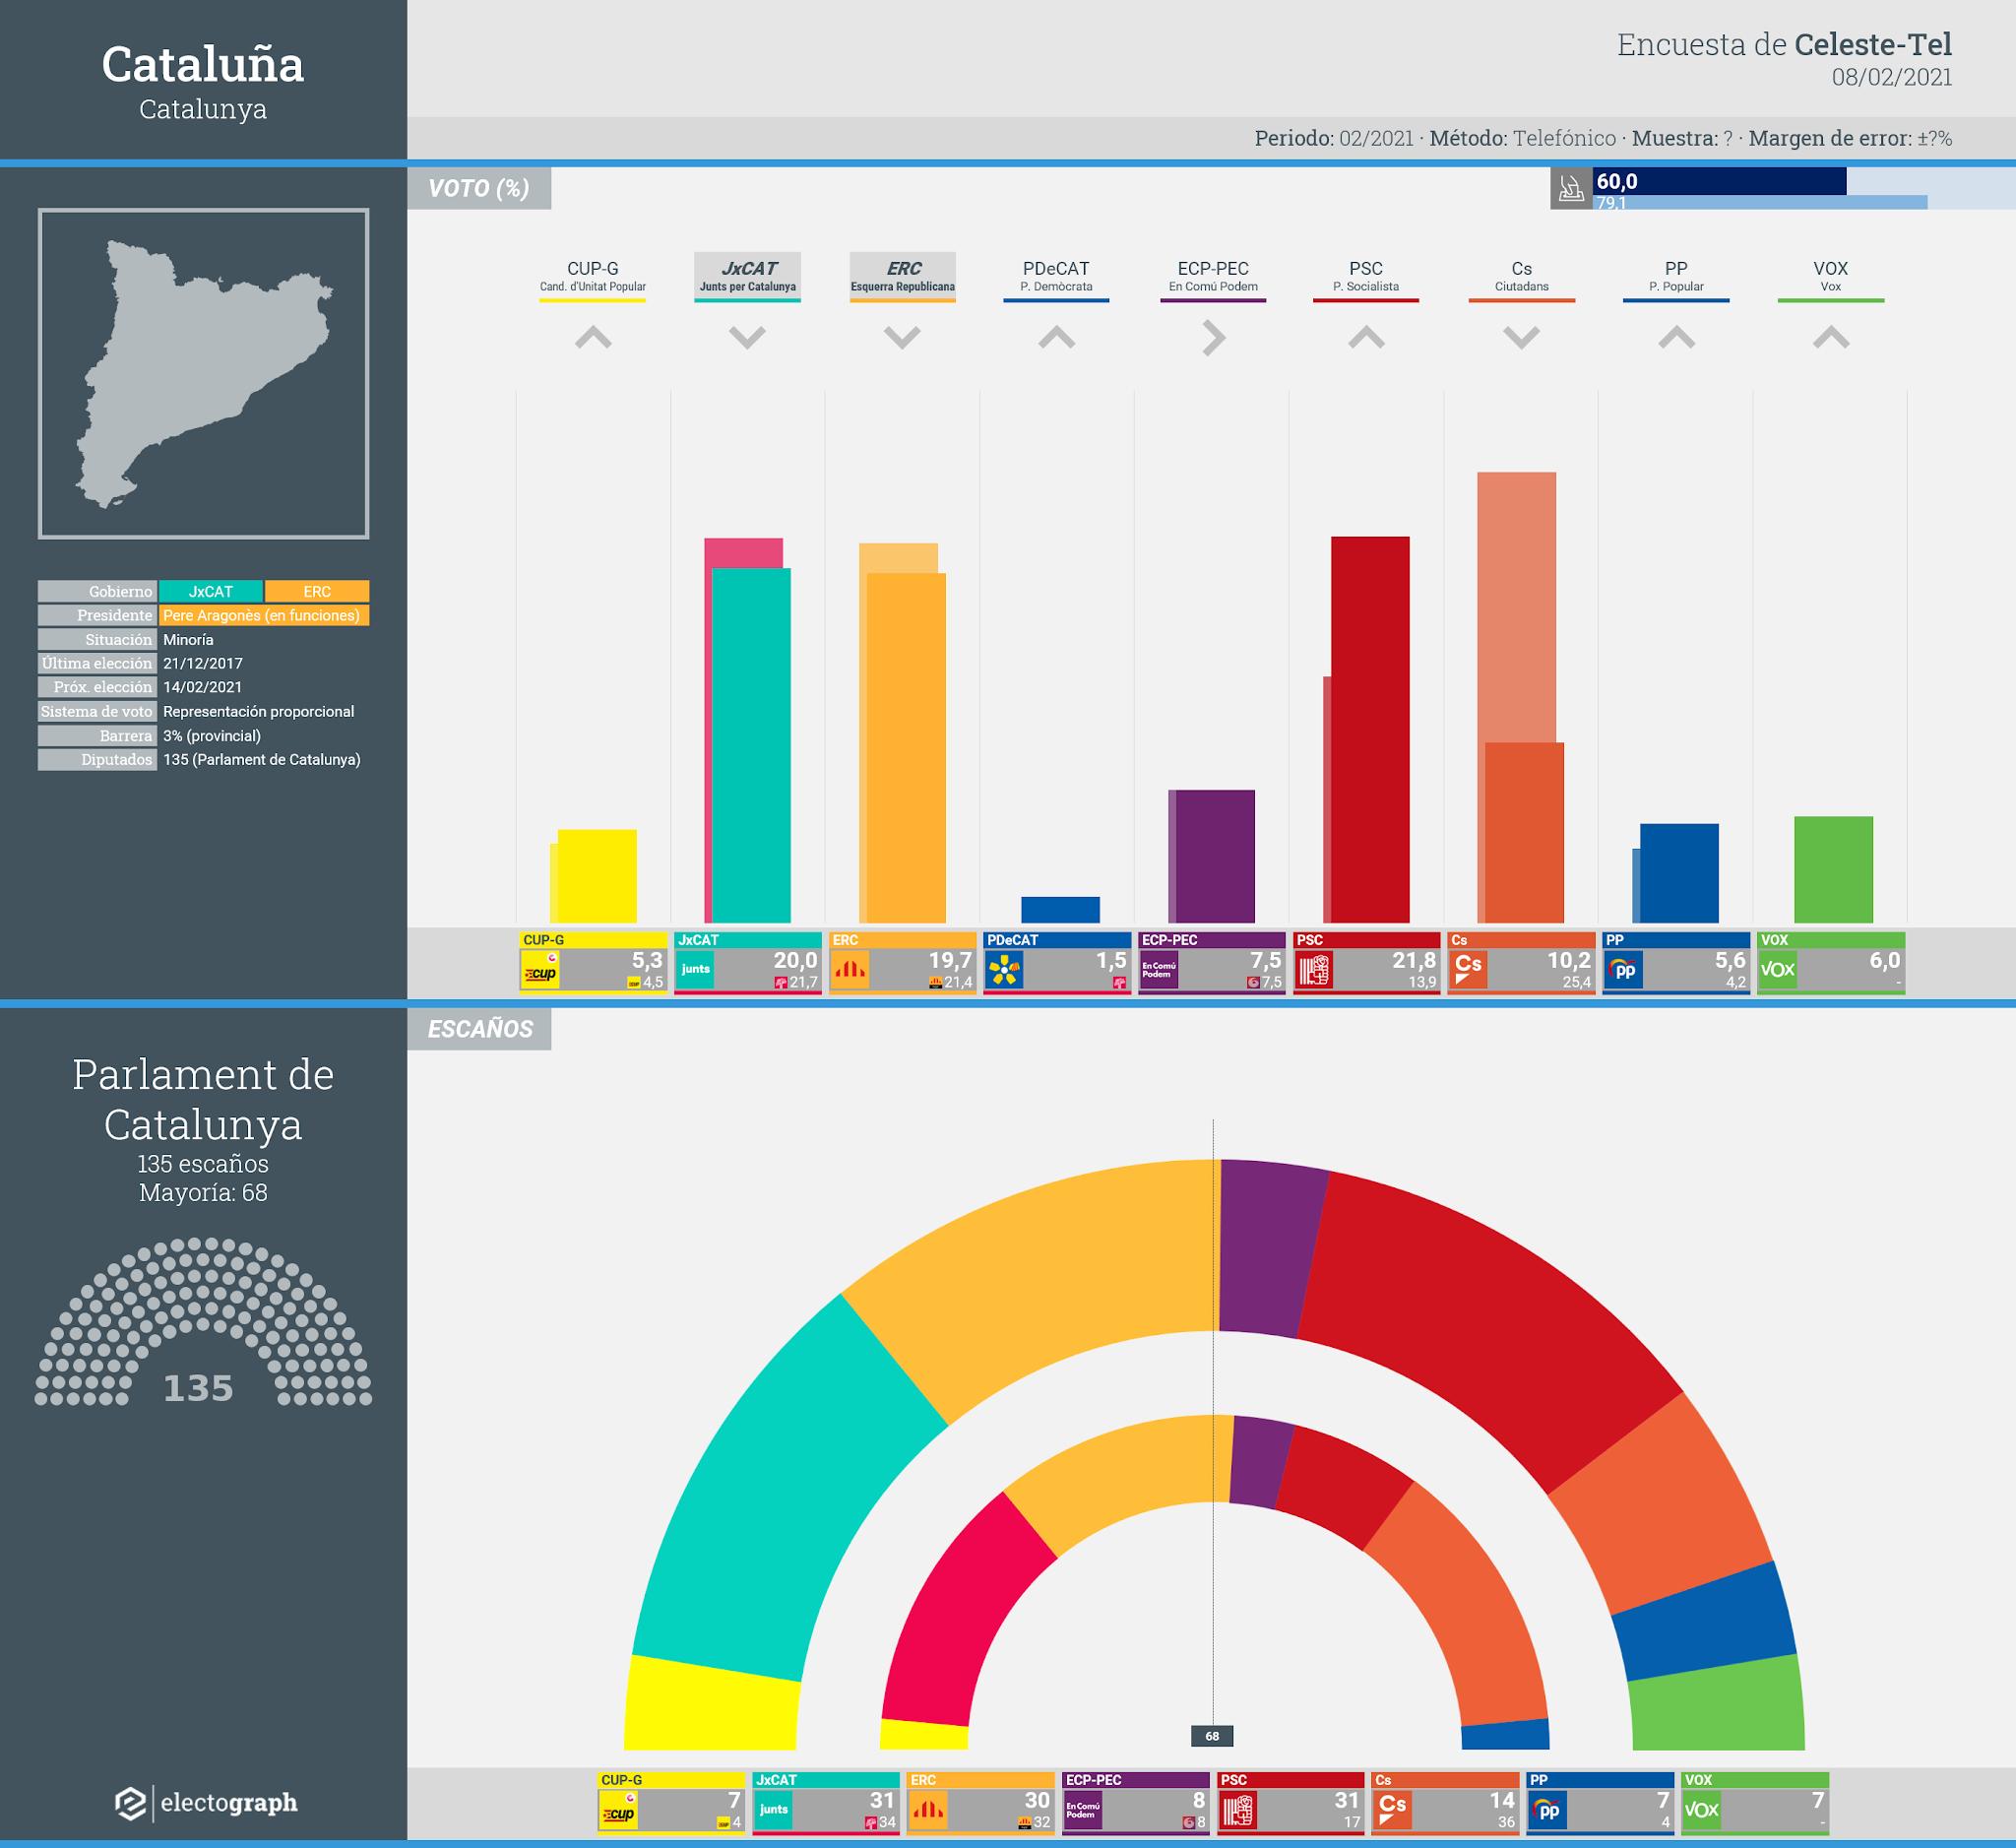 Gráfico de la encuesta para elecciones generales en Cataluña realizada por Celeste-Tel, 8 febrero 2021